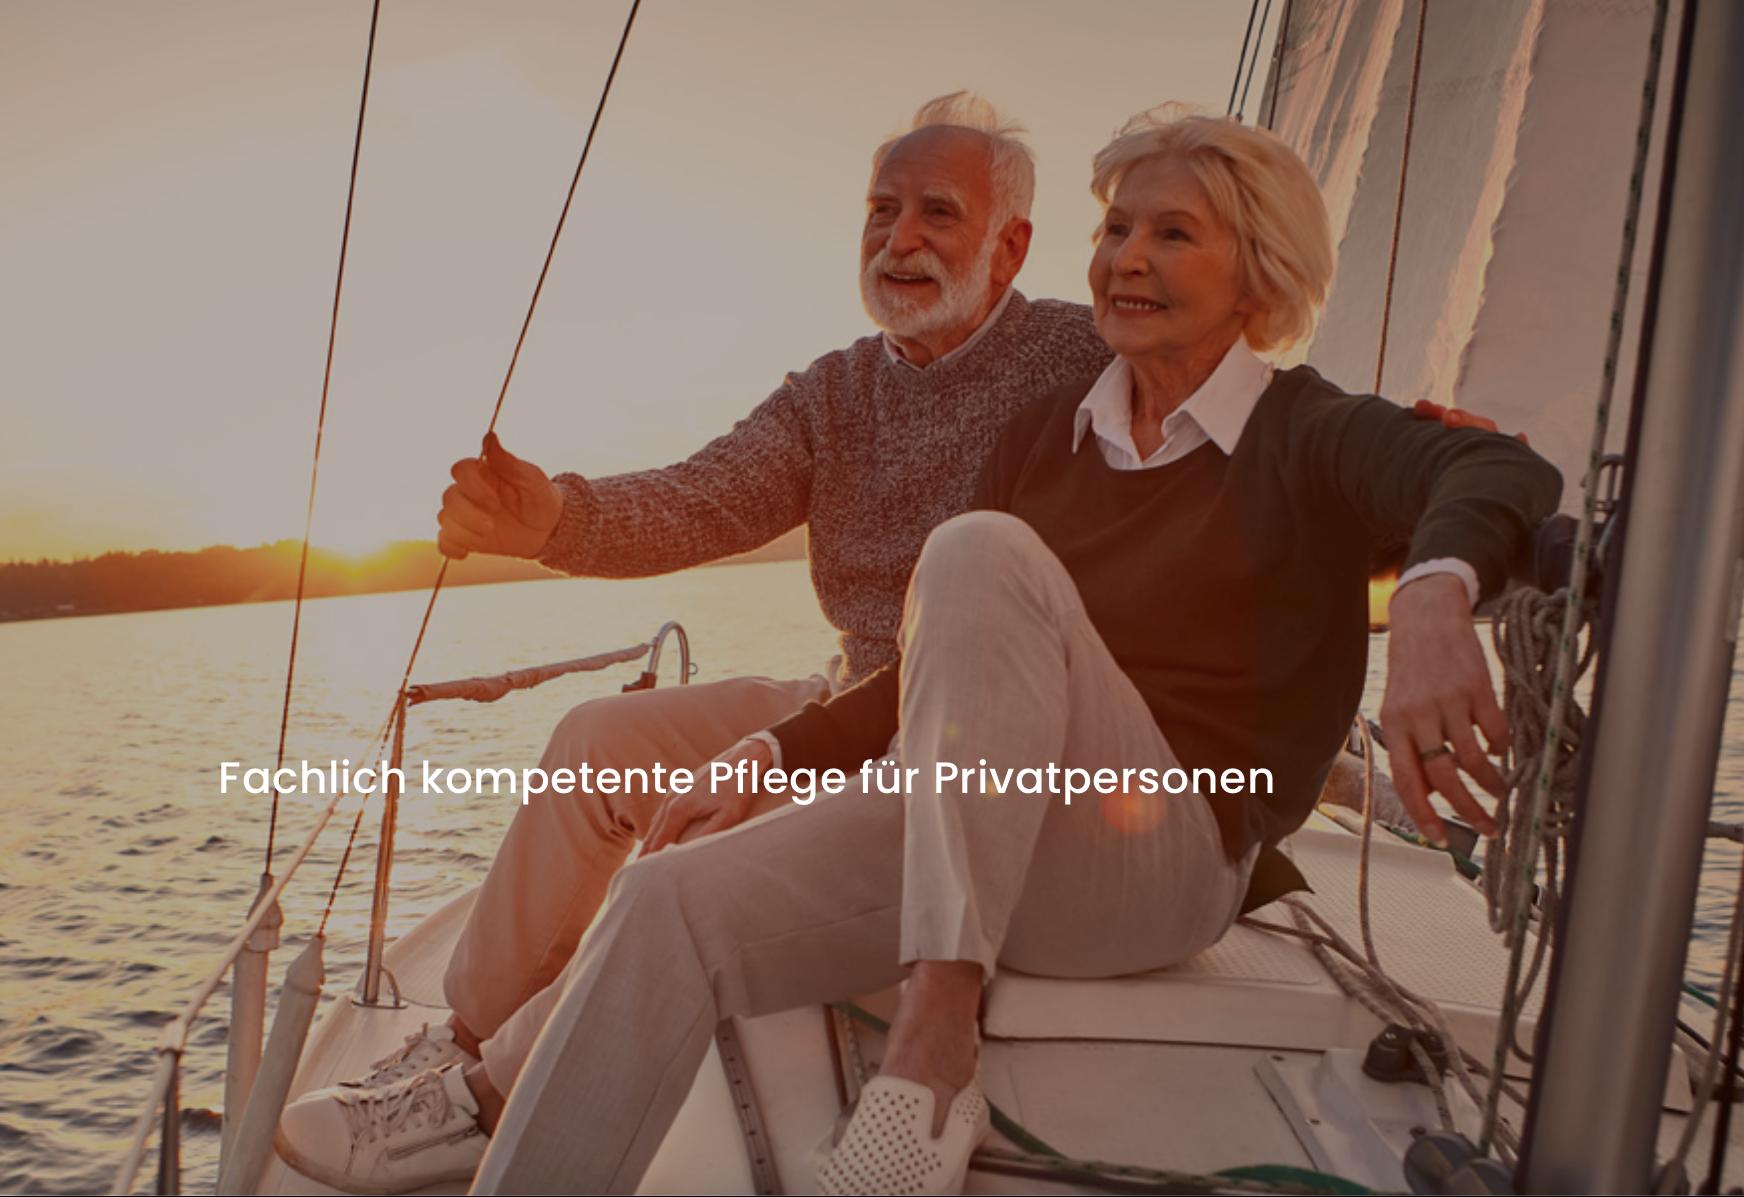 Helen Schneider Consulting Dienstleistungen für Freizeitgestaltung und medizinischen Tourismus